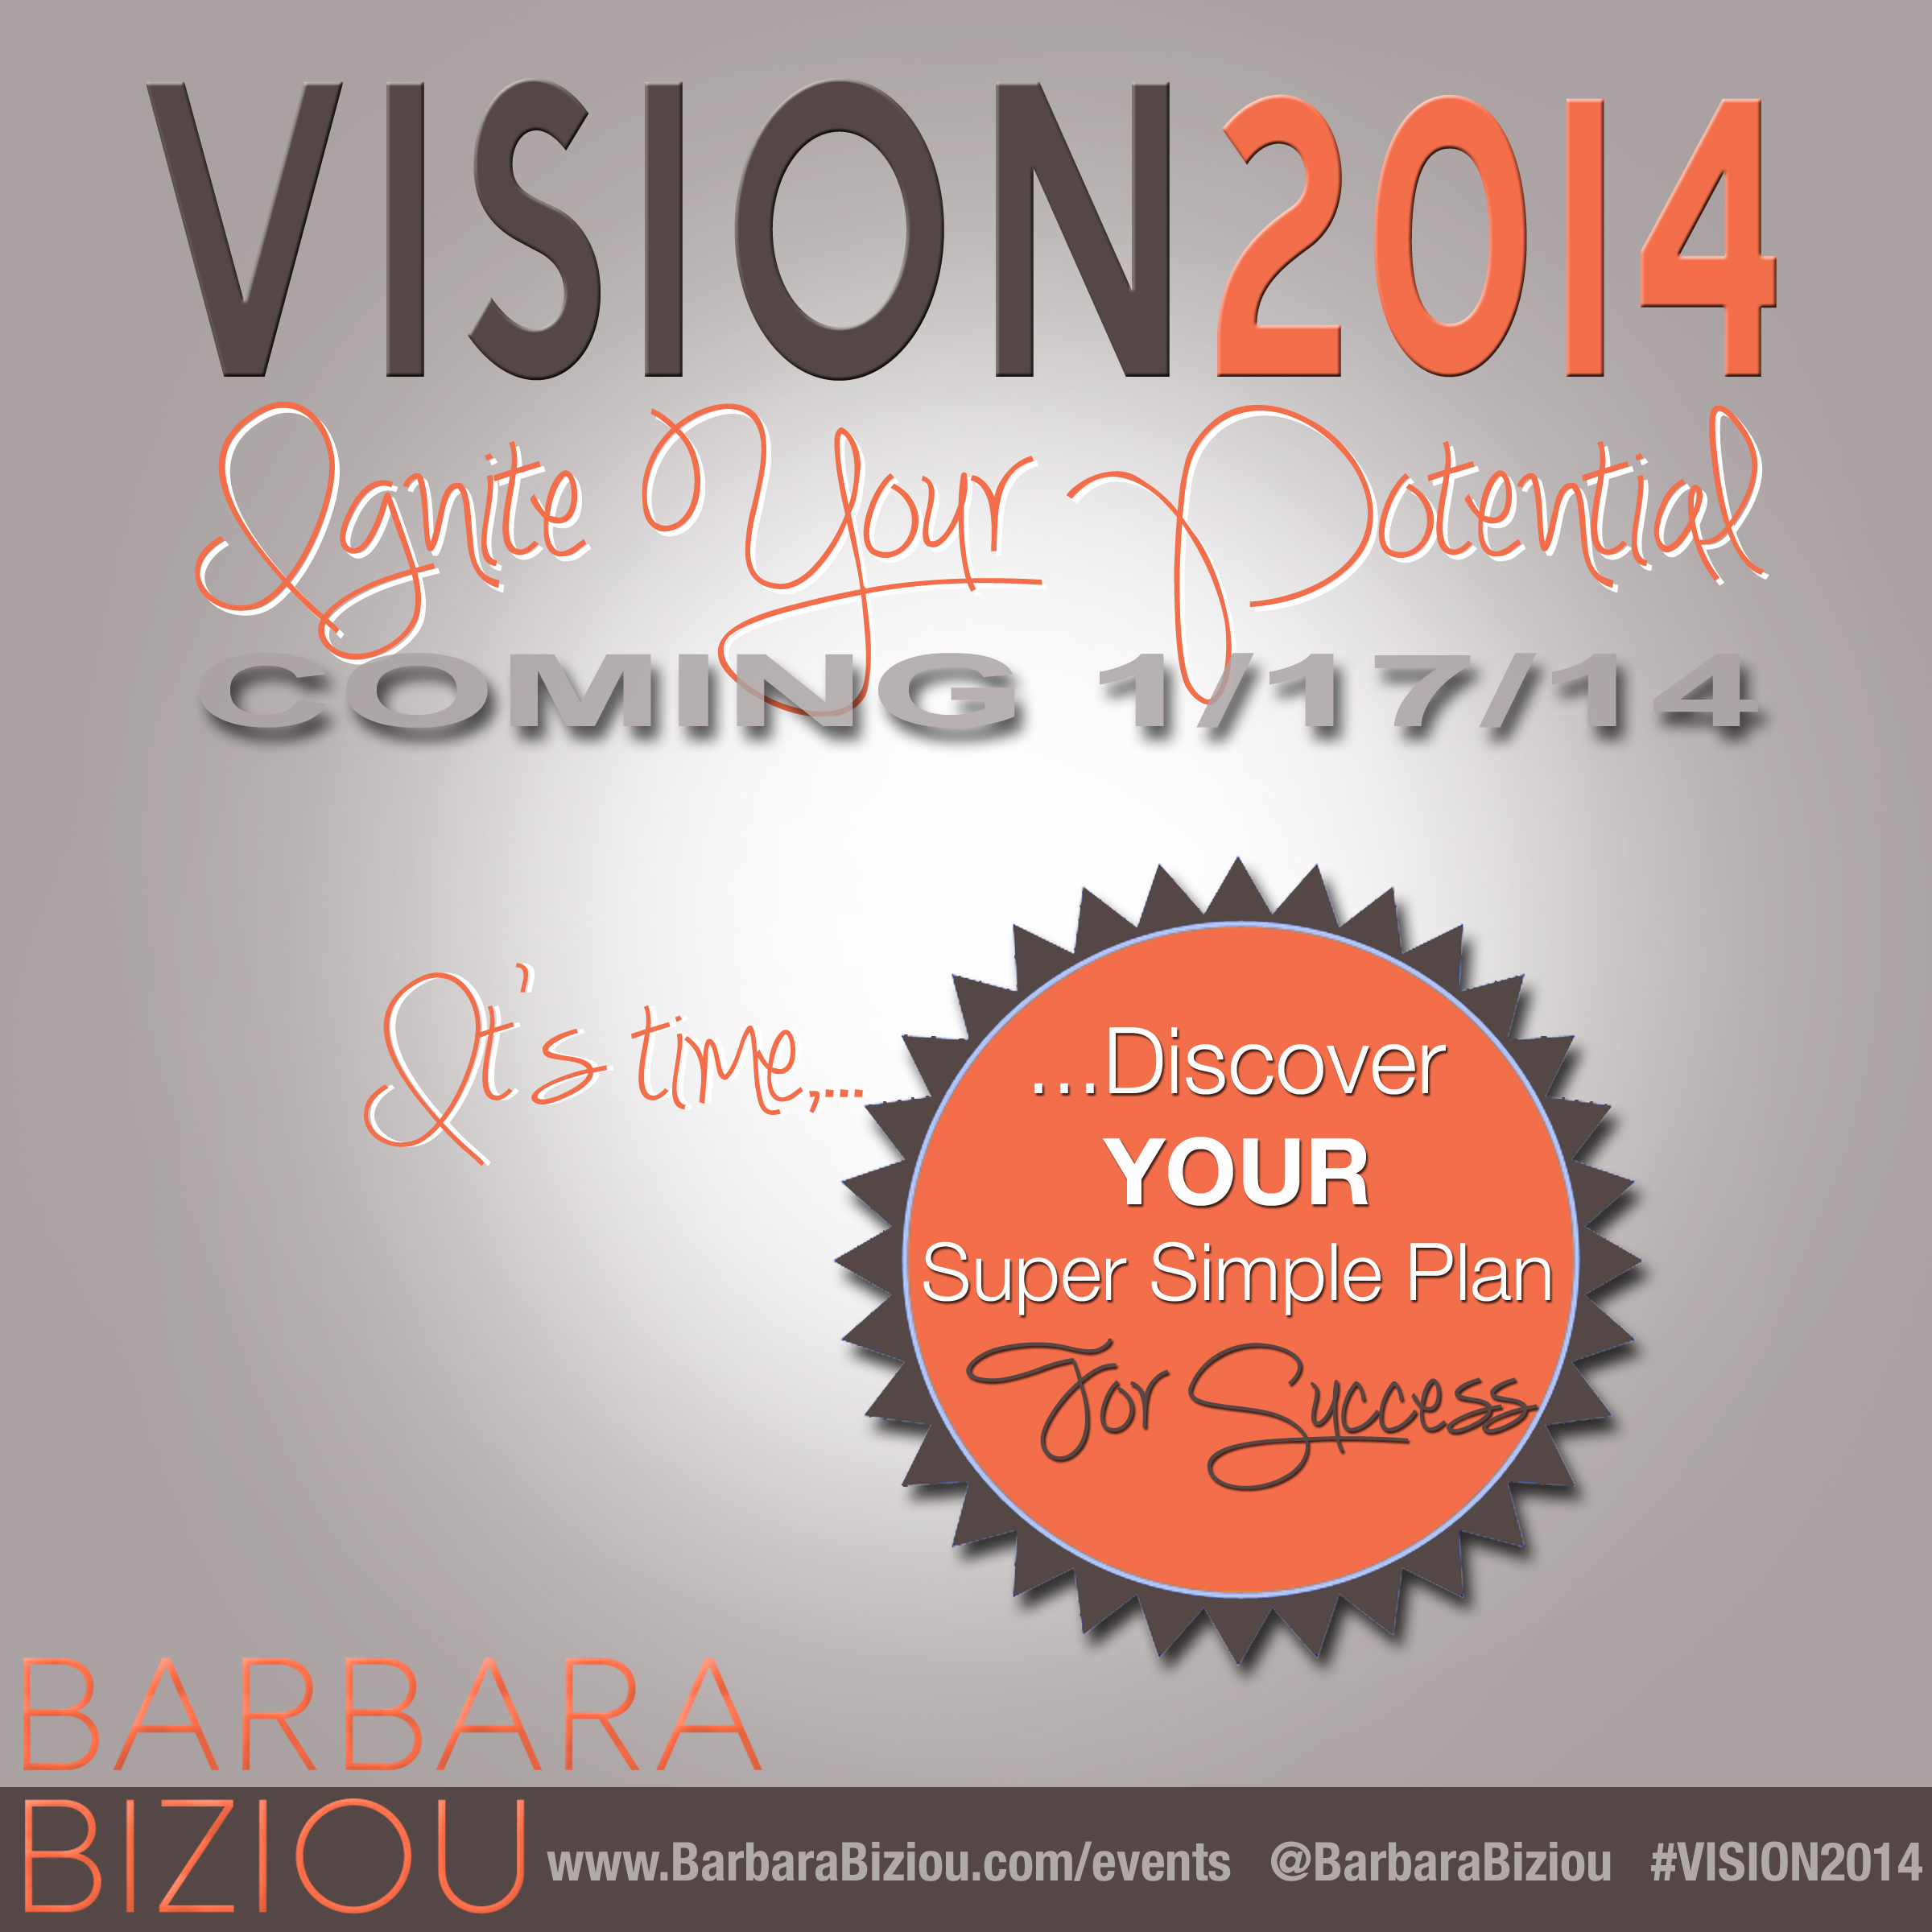 Vision 2014 social media ad.jpg